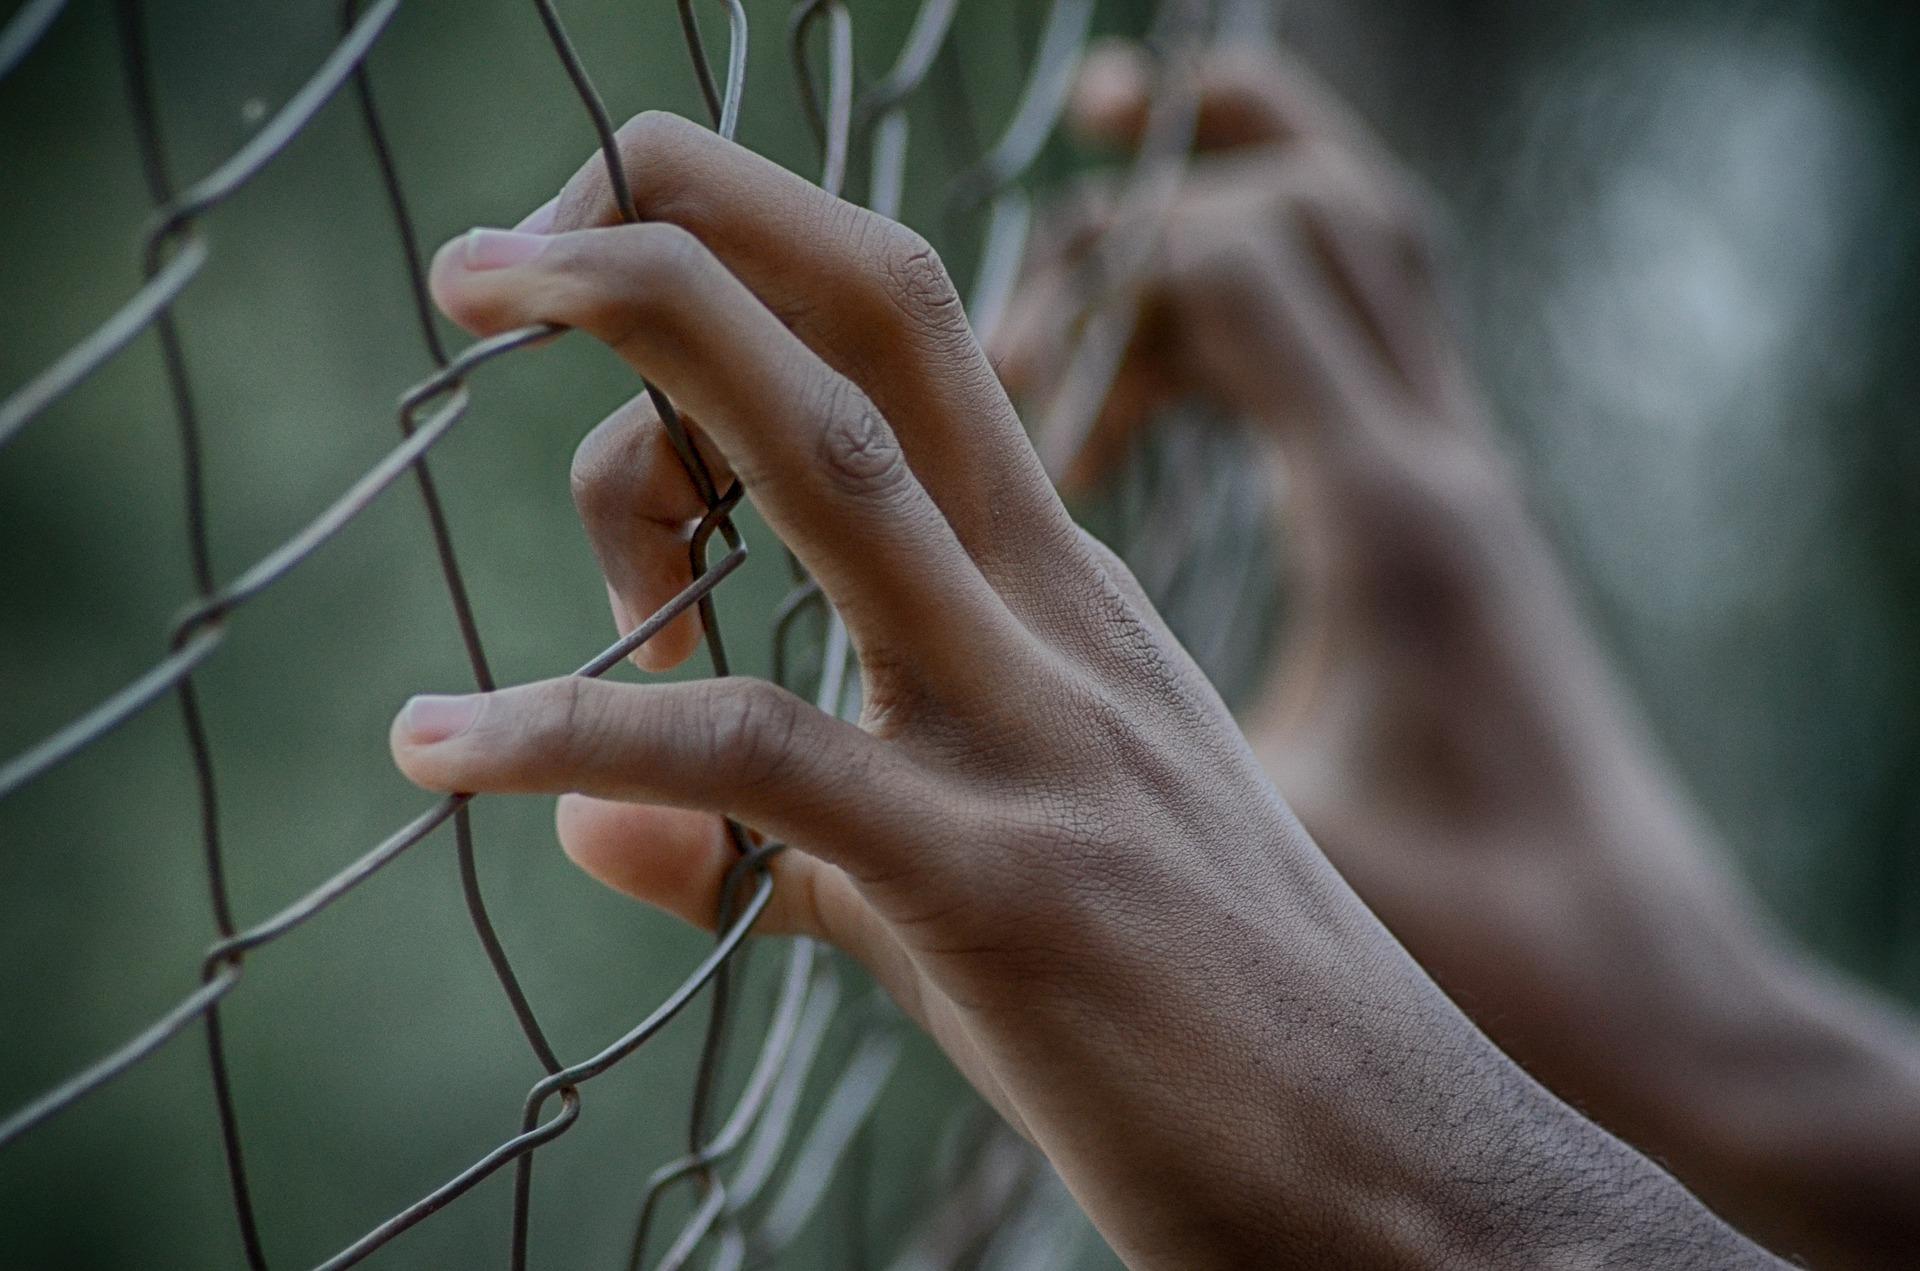 Población en reclusorios ascendía a 17 mil 271 hasta 2019